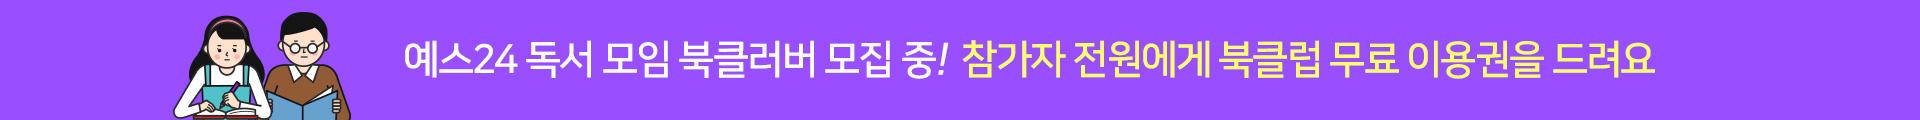 예스24 독서모임 북클러버 모집 중!